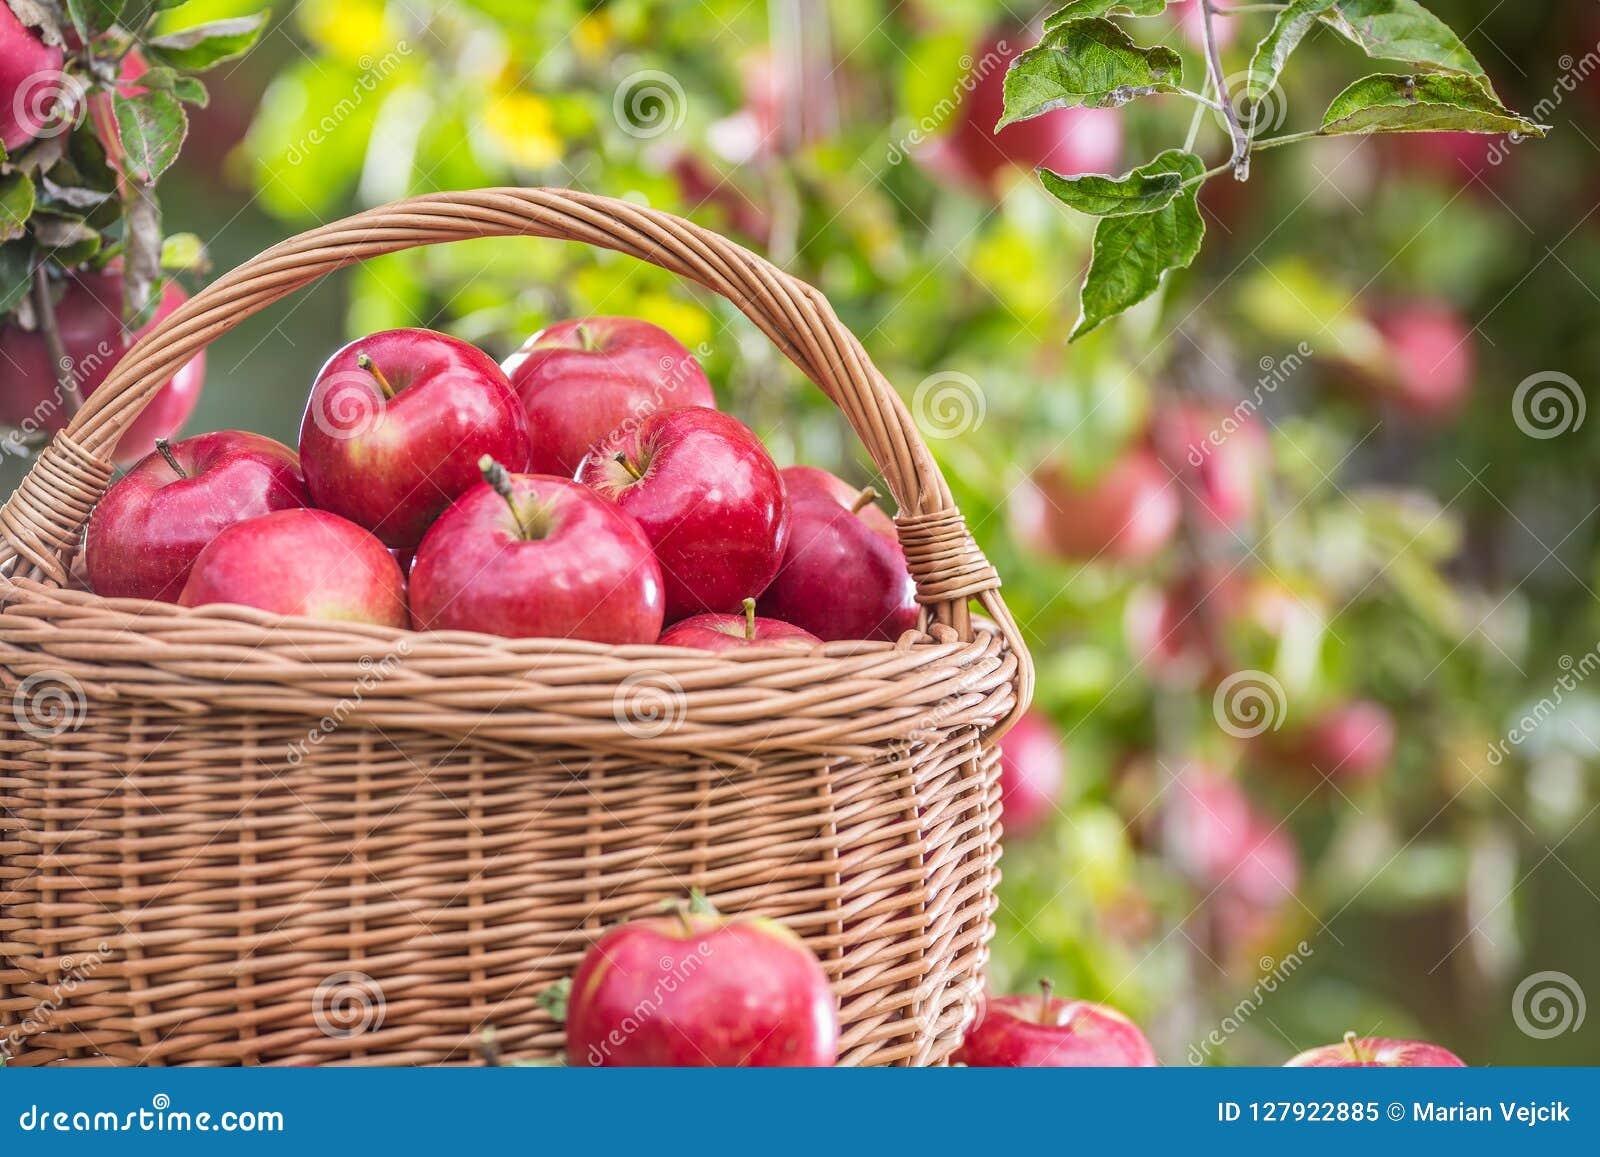 Mele rosse mature fresche in canestro di legno sulla tavola del giardino